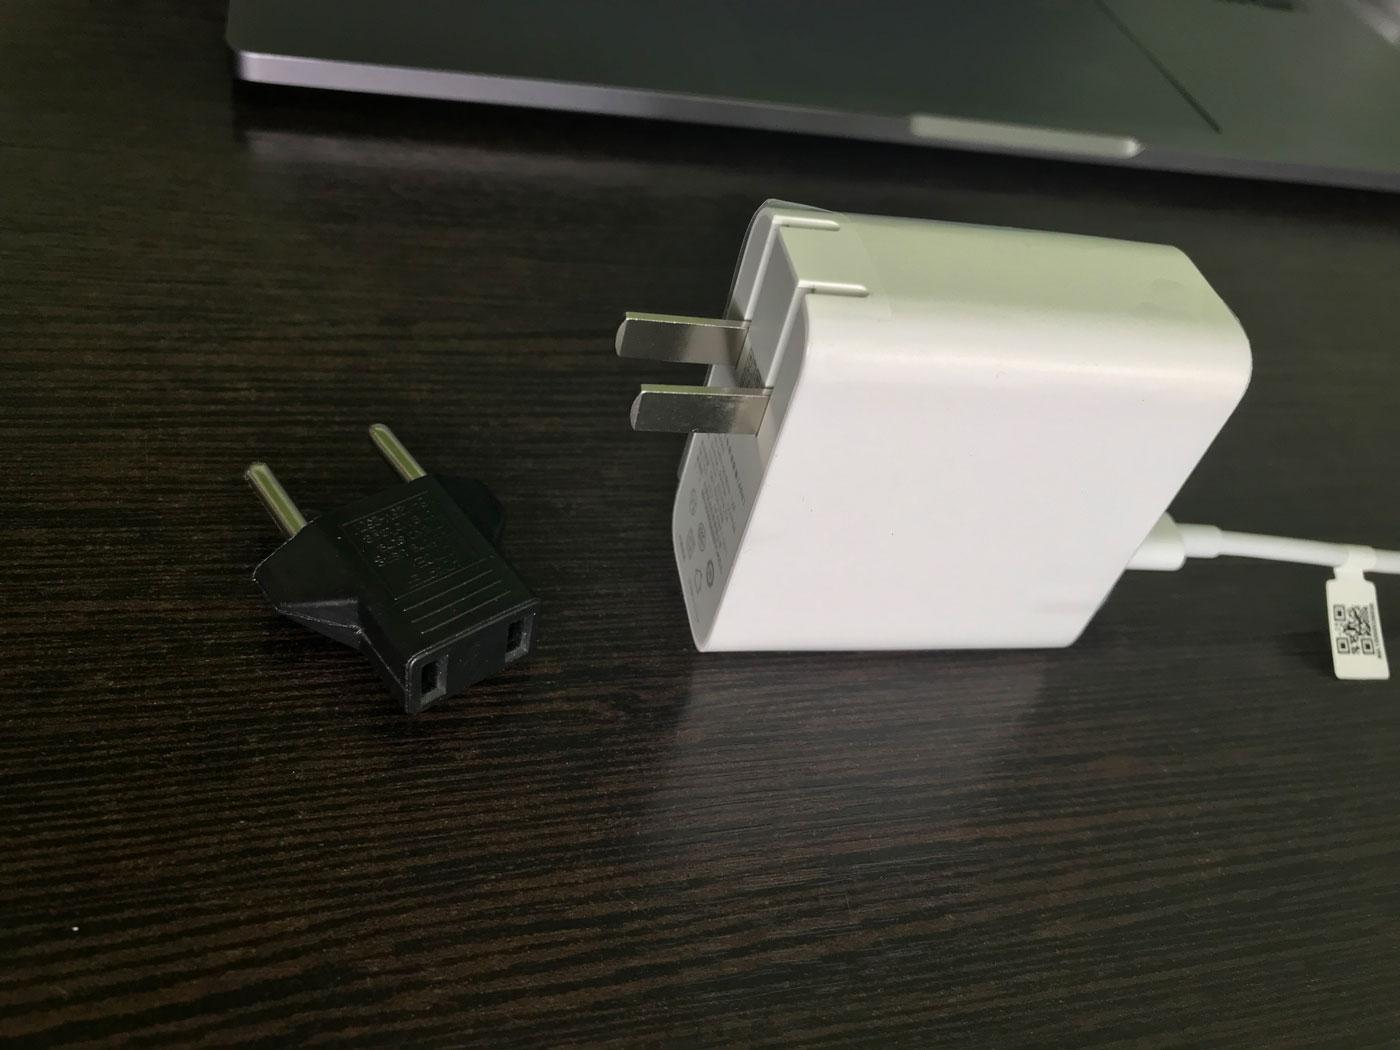 Xiaomi Mi Notebook Pro как основной инструмент веб-разработчика (глазами маковода) - 14